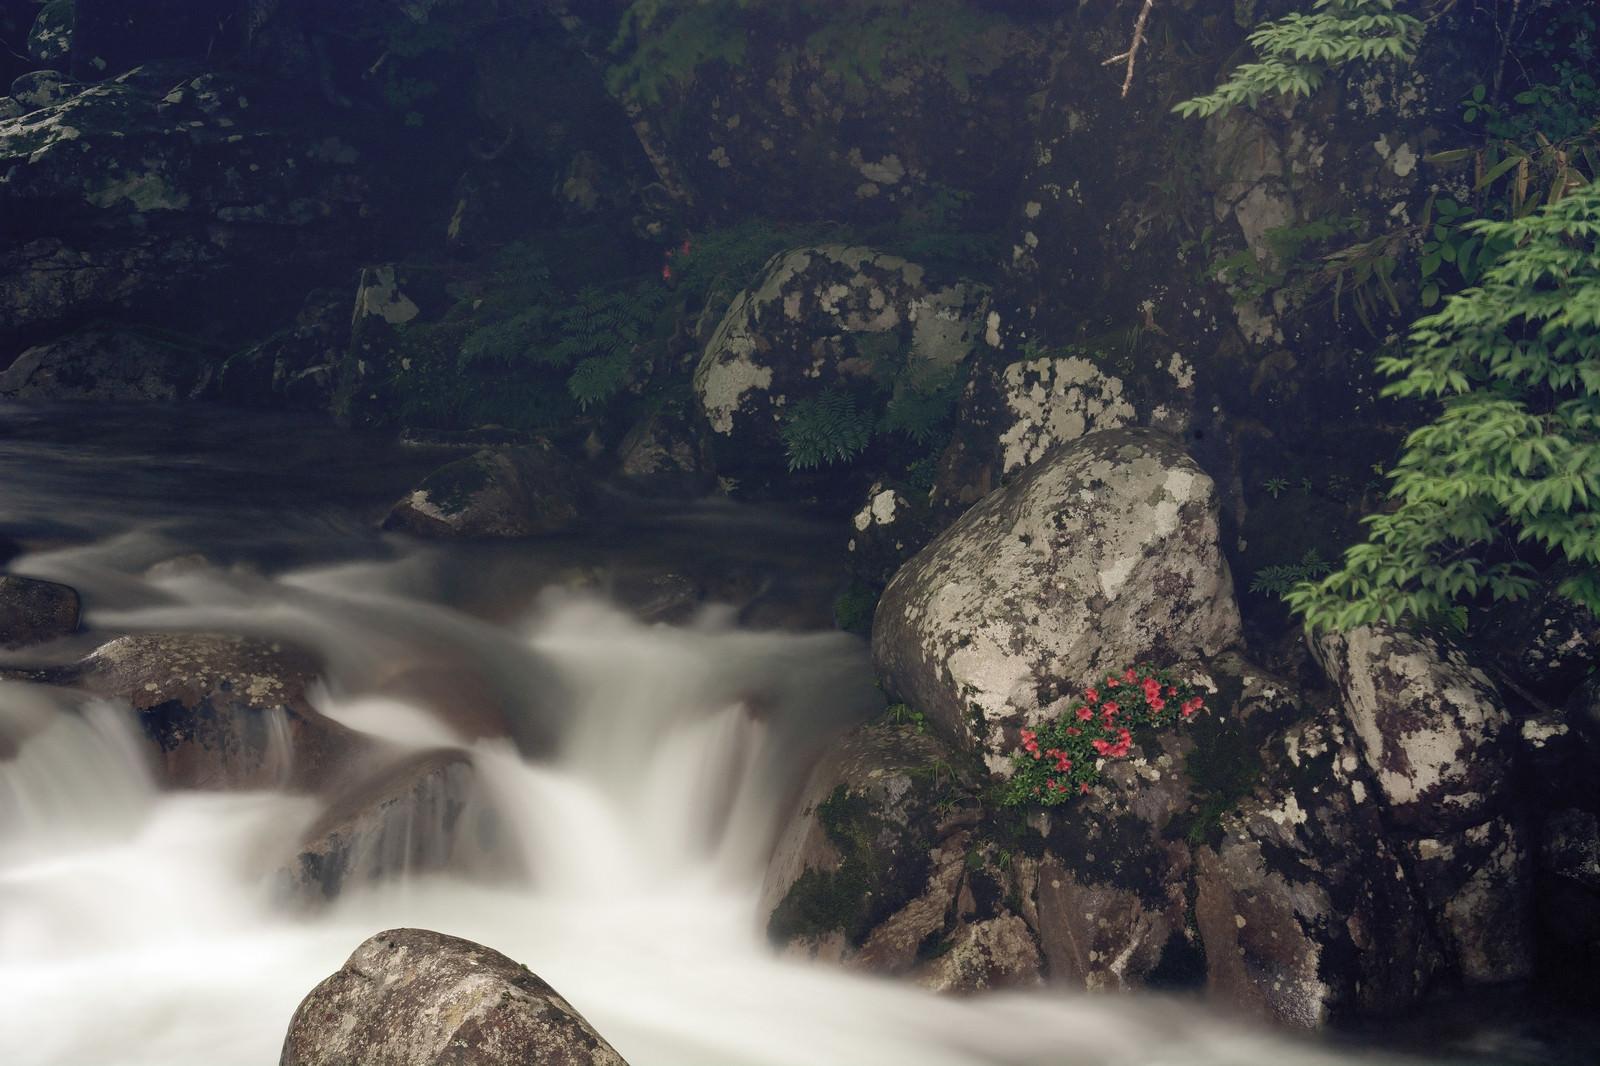 「小戸名渓谷とけなげに咲く岩つつじ」の写真